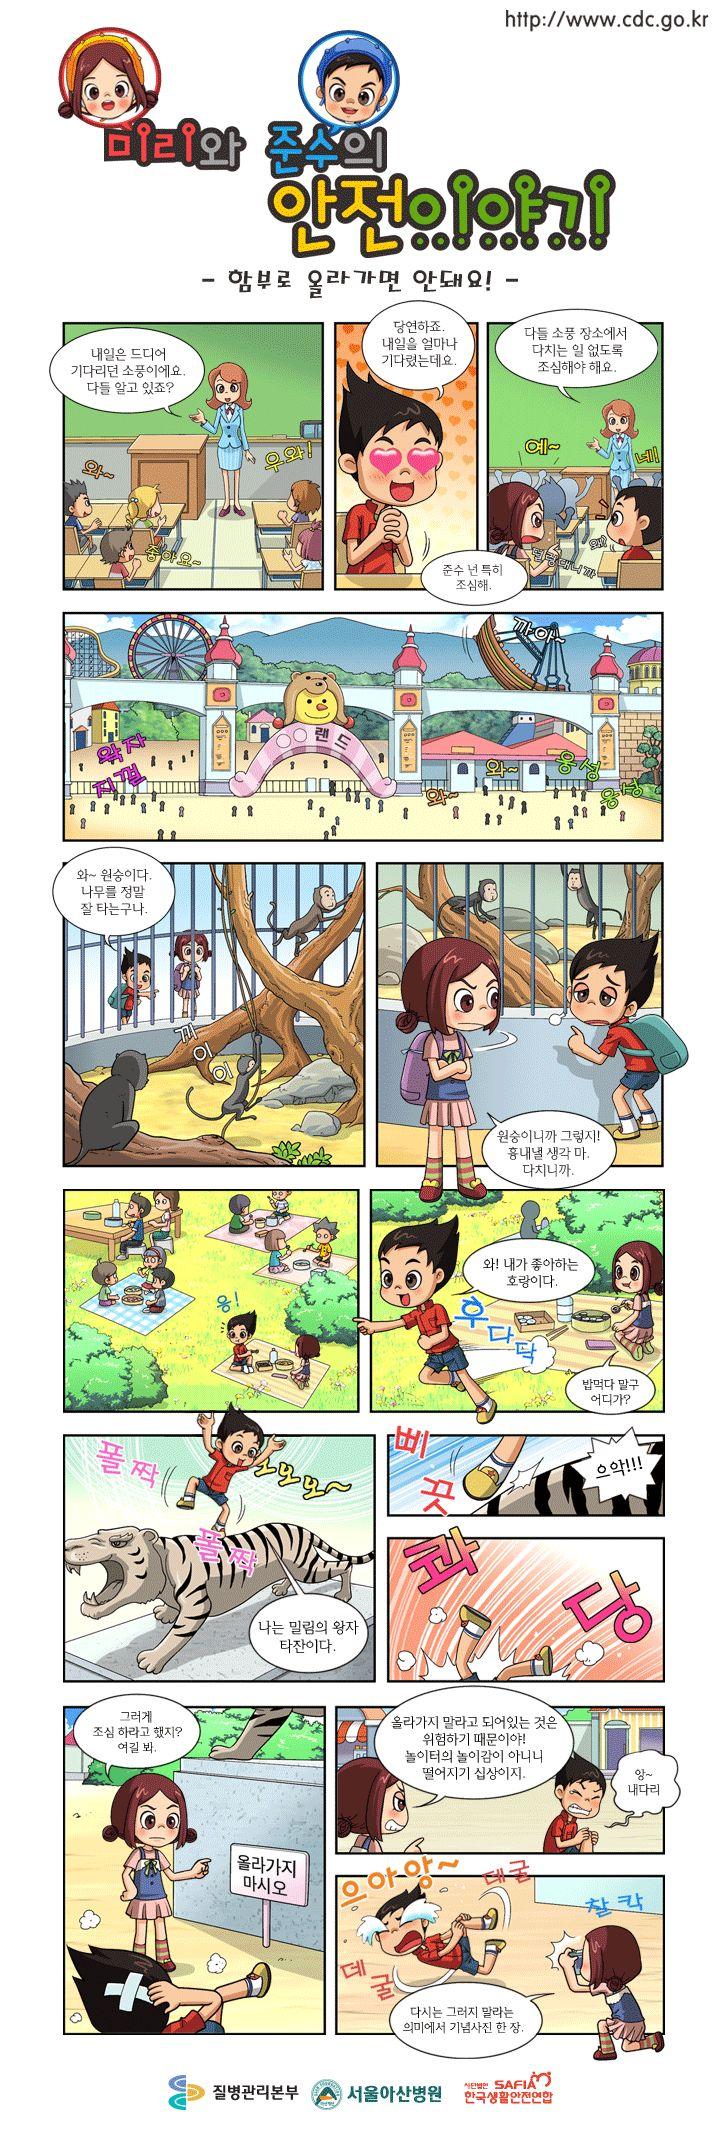 손상예방을 위한 어린이 안전가이드라인_야외/낙상안전(웹툰)